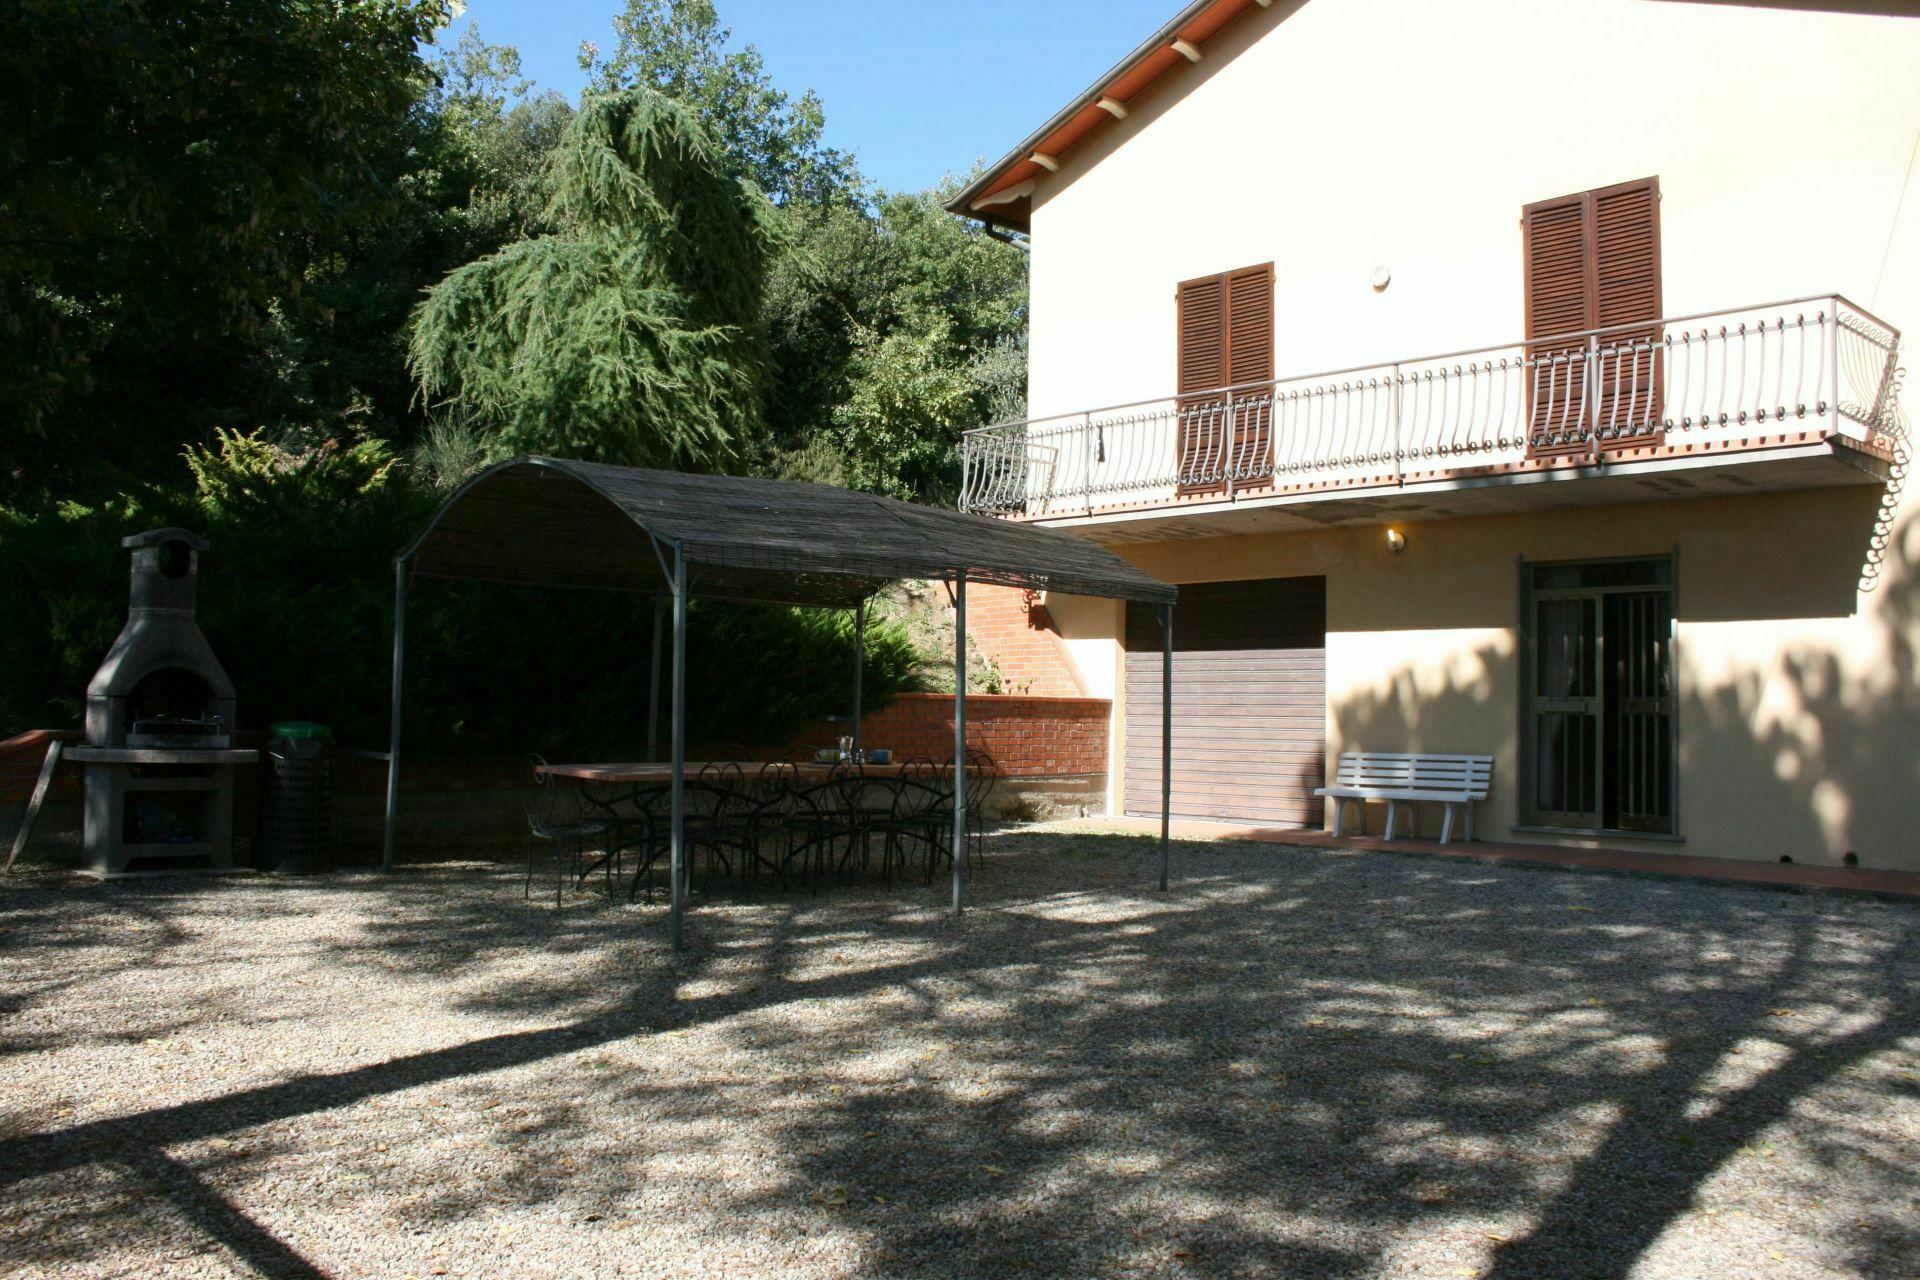 La maesta casa vacanze con 12 posti letto in 4 camere for Branson cabin rentals 4 camere da letto